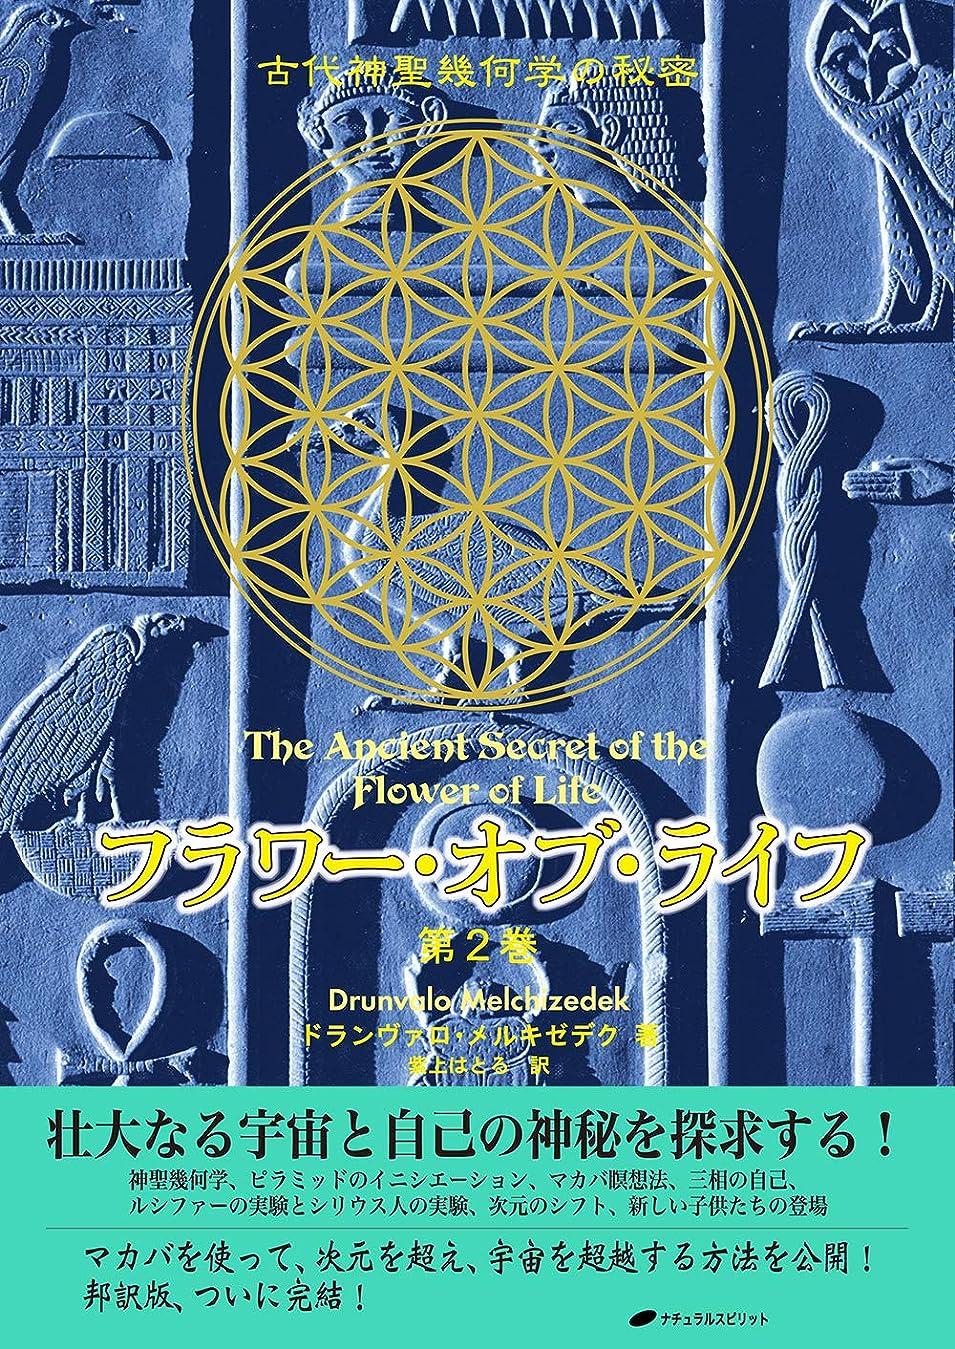 旅行者大邸宅子供っぽい奇蹟を求めて―グルジェフの神秘宇宙論 (mind books)